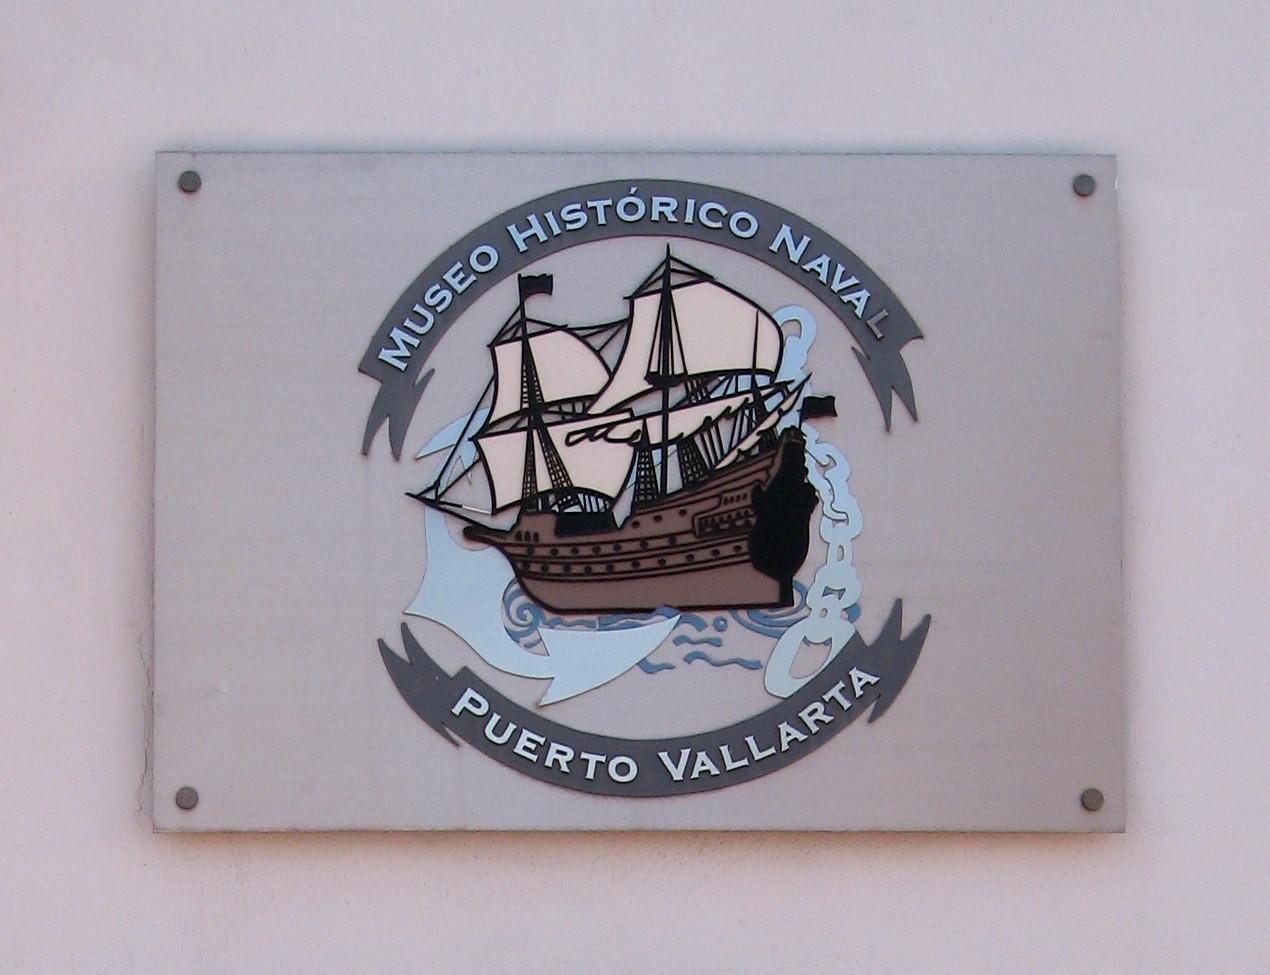 http://2.bp.blogspot.com/-a11mxtpDJvI/TWauuZwSNtI/AAAAAAAAA-4/J4IDYHq_uso/s1600/naval+museum.jpg